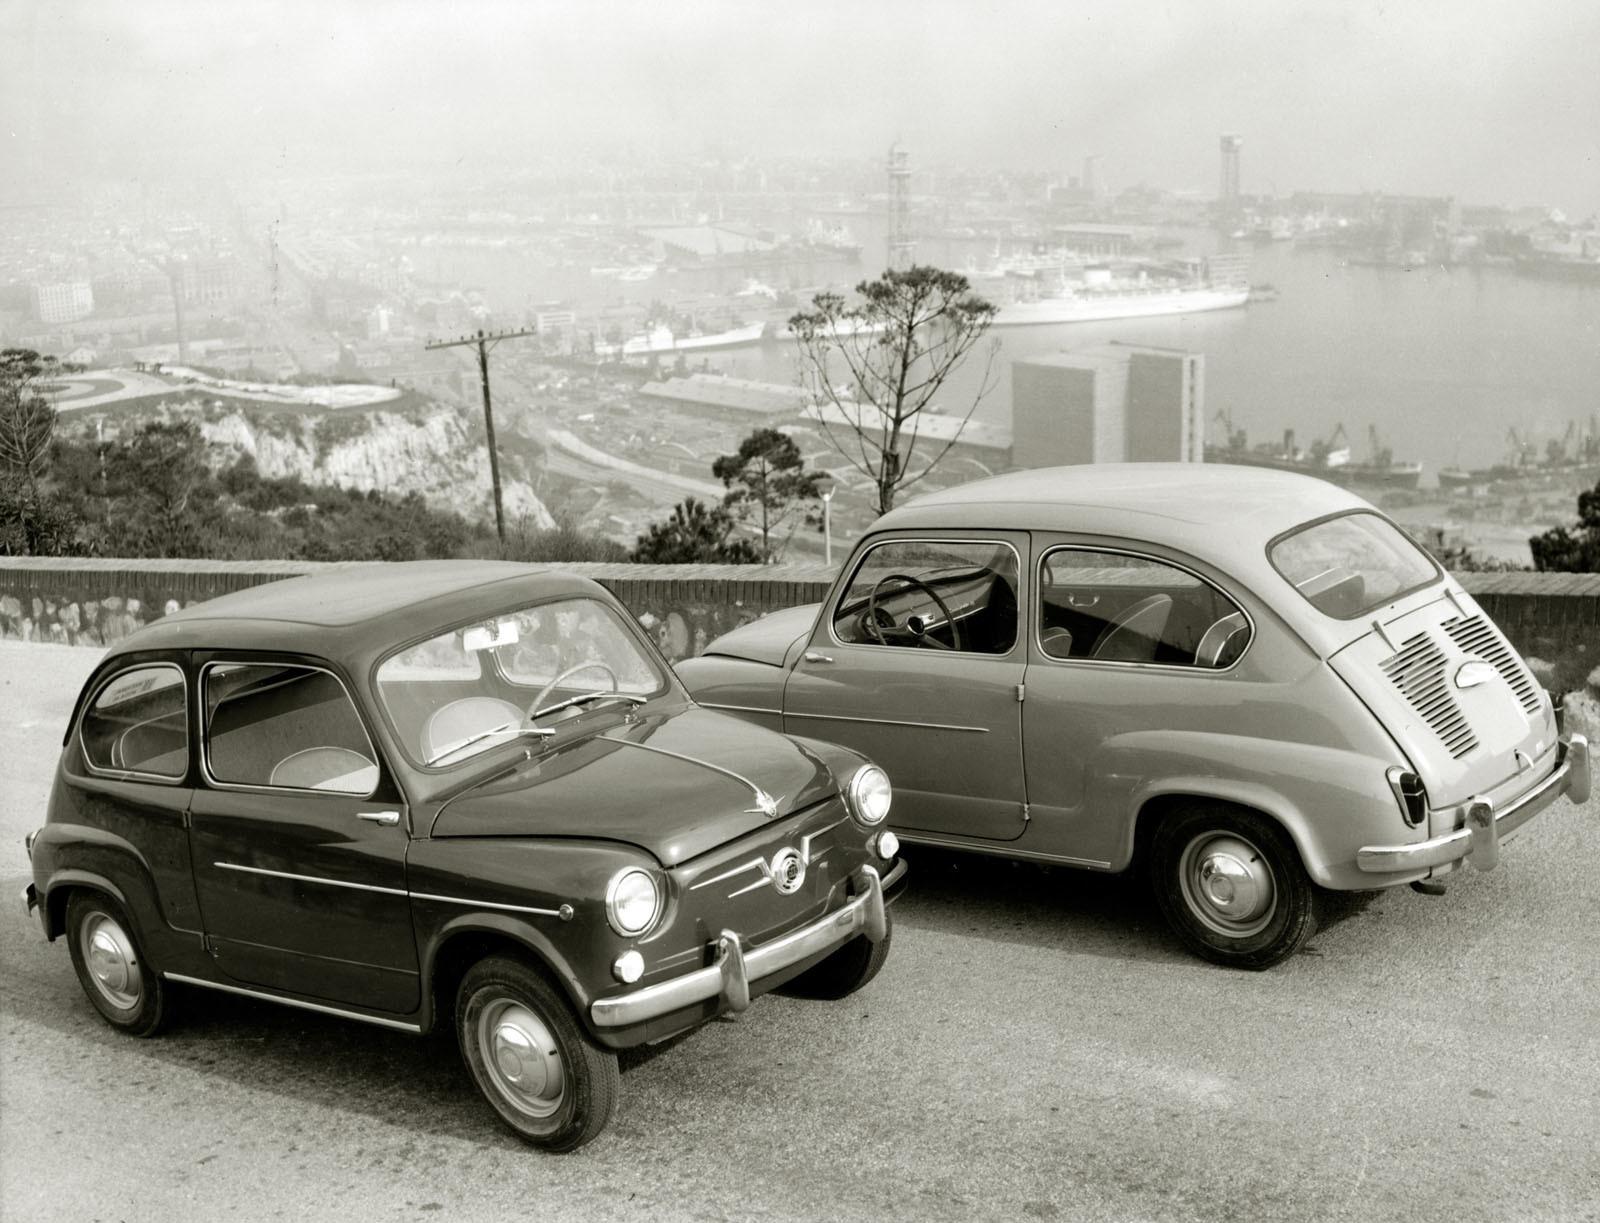 Foto de SEAT 600 (50 Aniversario) (55/64)